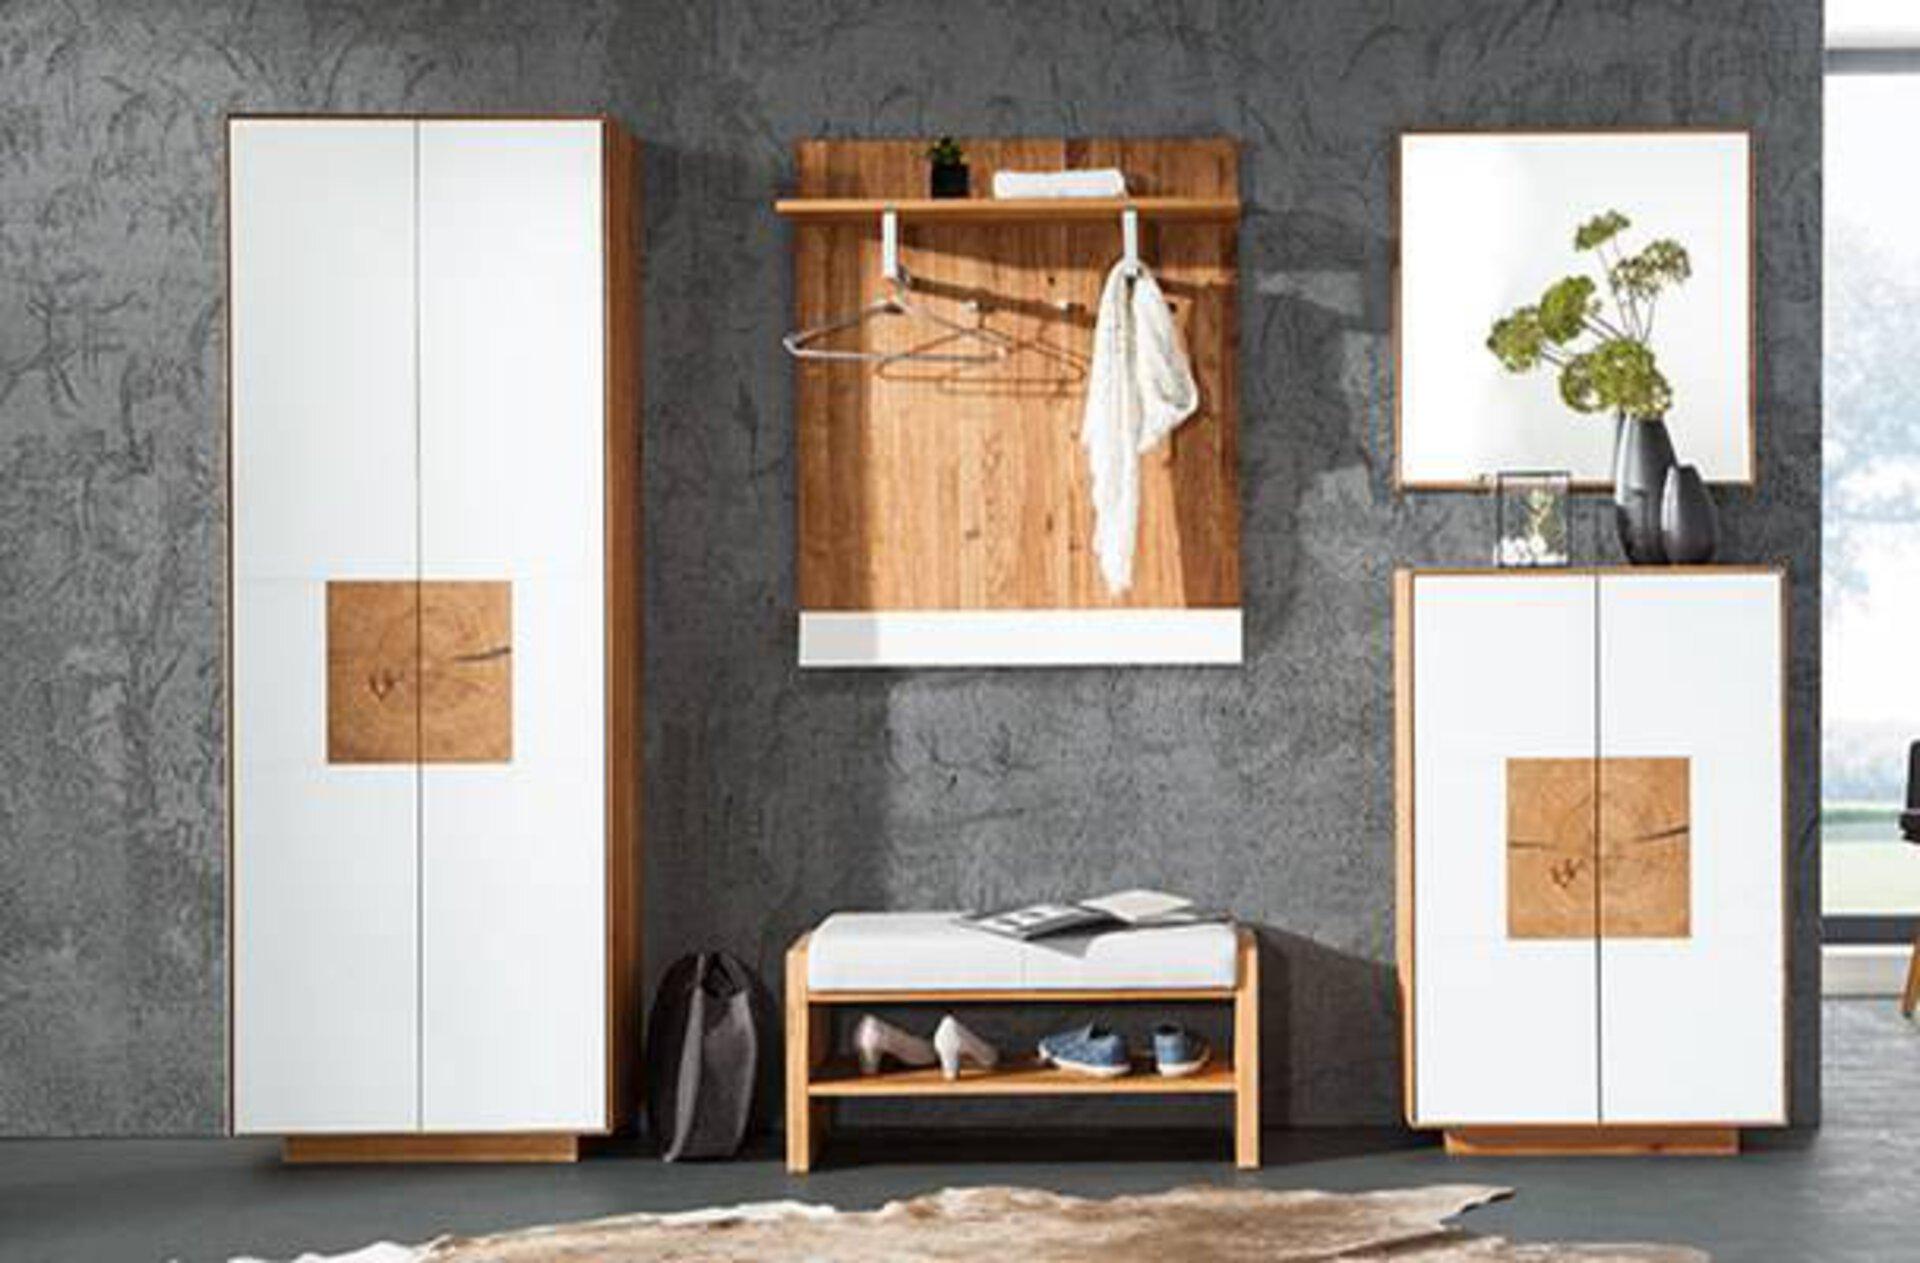 Hochwertige Garderobe in Weiß mit Elementen aus Massivholz. Das Bild dient als Milieubild für Garderobenschränke.